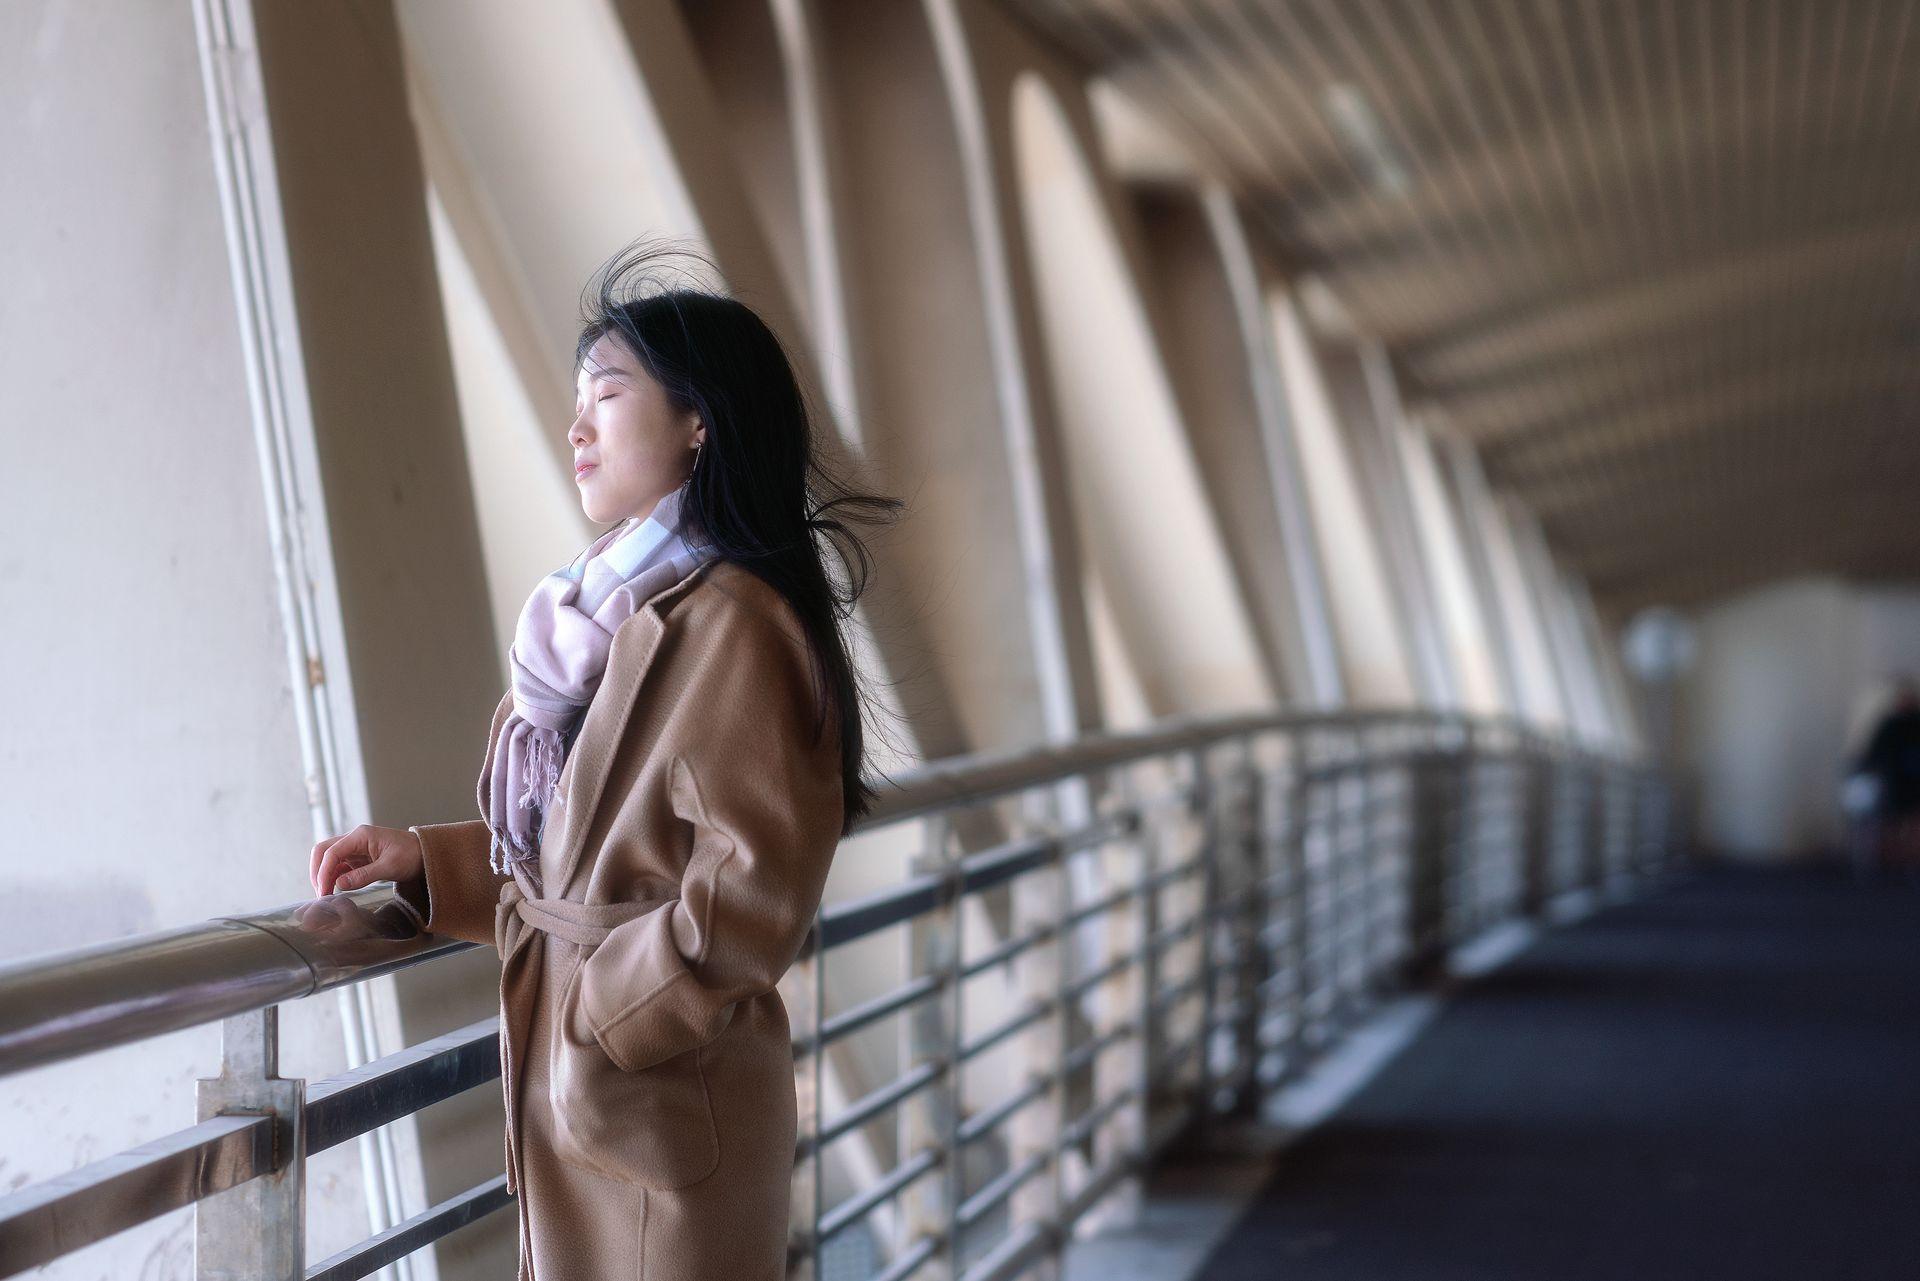 2019-01-27 徐汇滨江铁轨_摄影师Sissi Zhu的返片